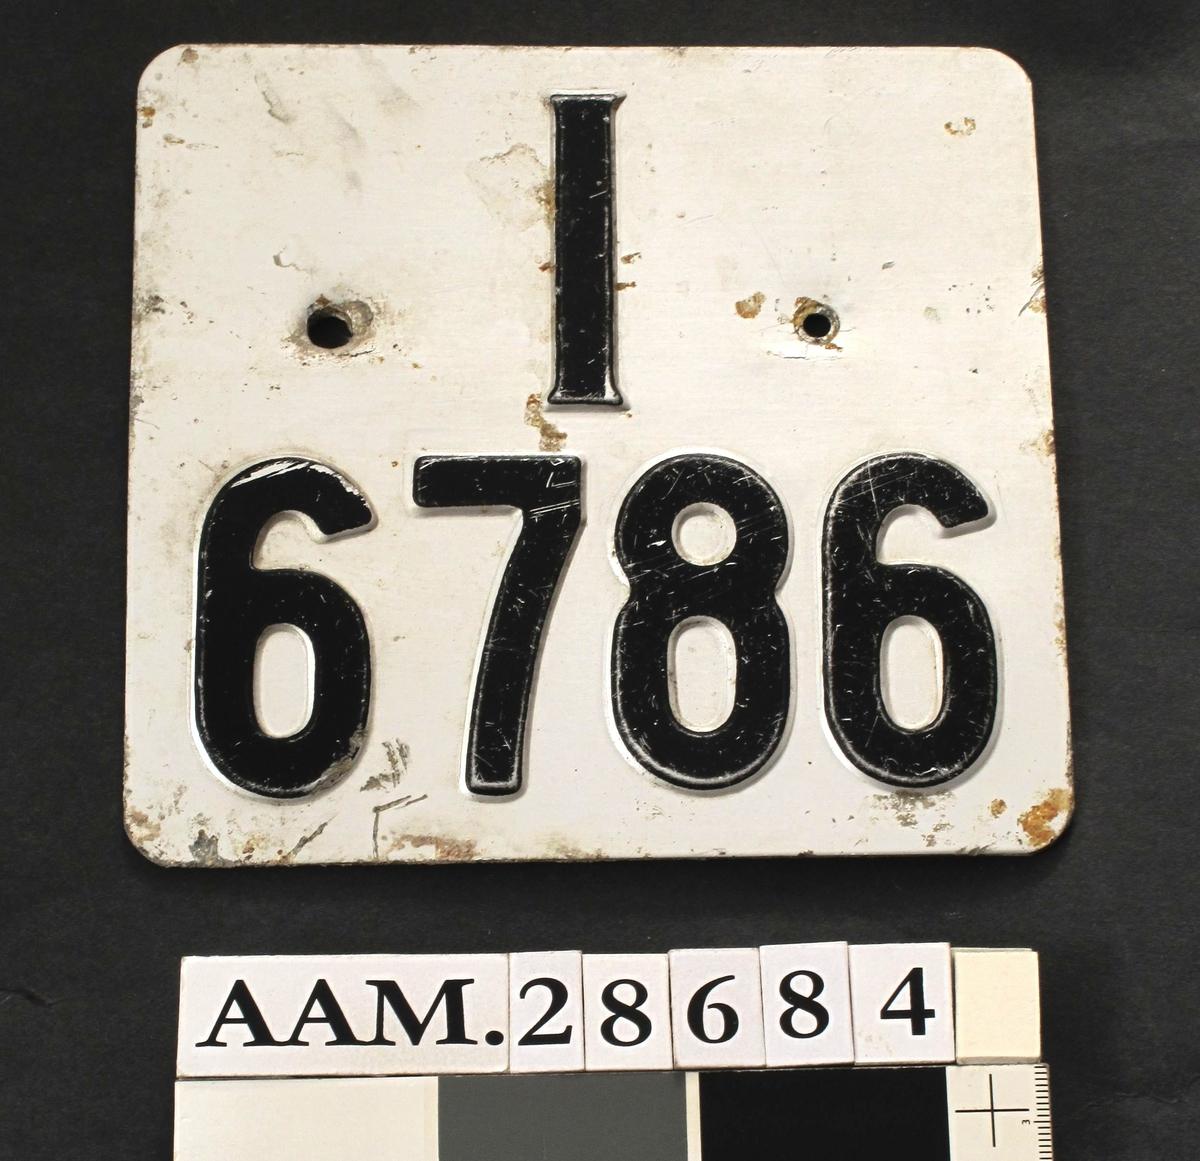 Nesten kvadratisk skilt, blank flate med sort bokstav og siffer. Bokstaven I (for Aust-Agder) øverst og sifrene 6786 under. Denne type kvadratiske skilt var vanligvis brukt på mopeder og motorsykler.